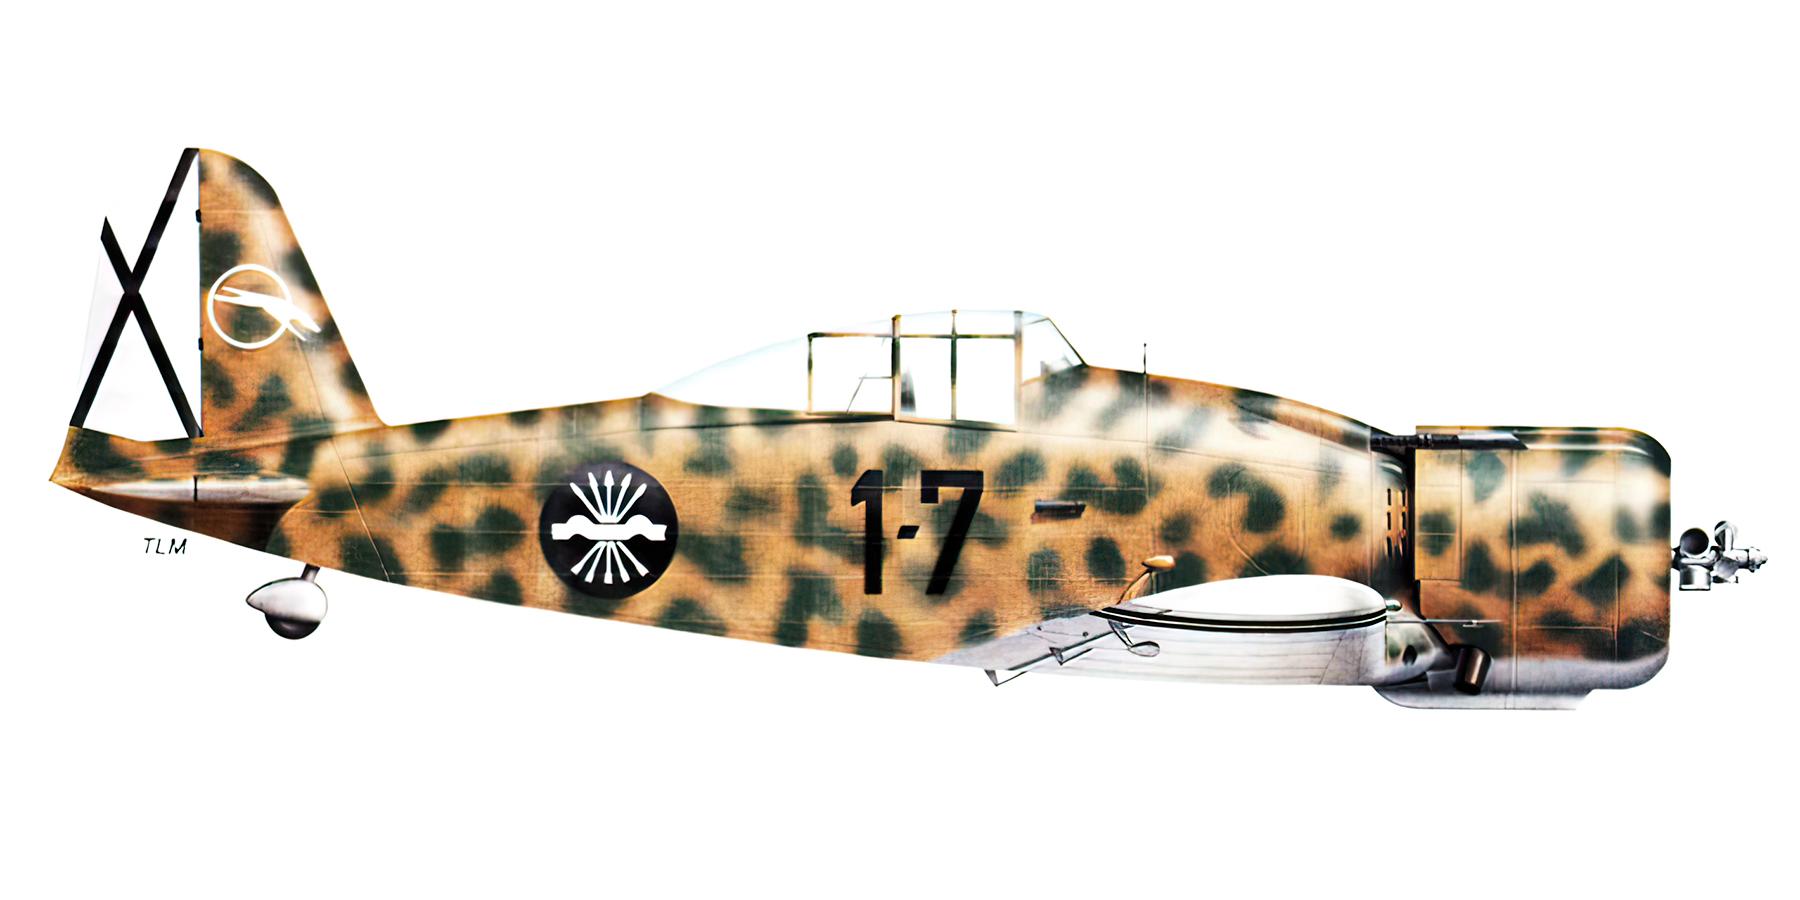 Fiat G50 Freccia Aviacion Nacional 27 Gruppo de Caza 7 MM3582 Sevilla Tablada Spain Jun 1939 0B